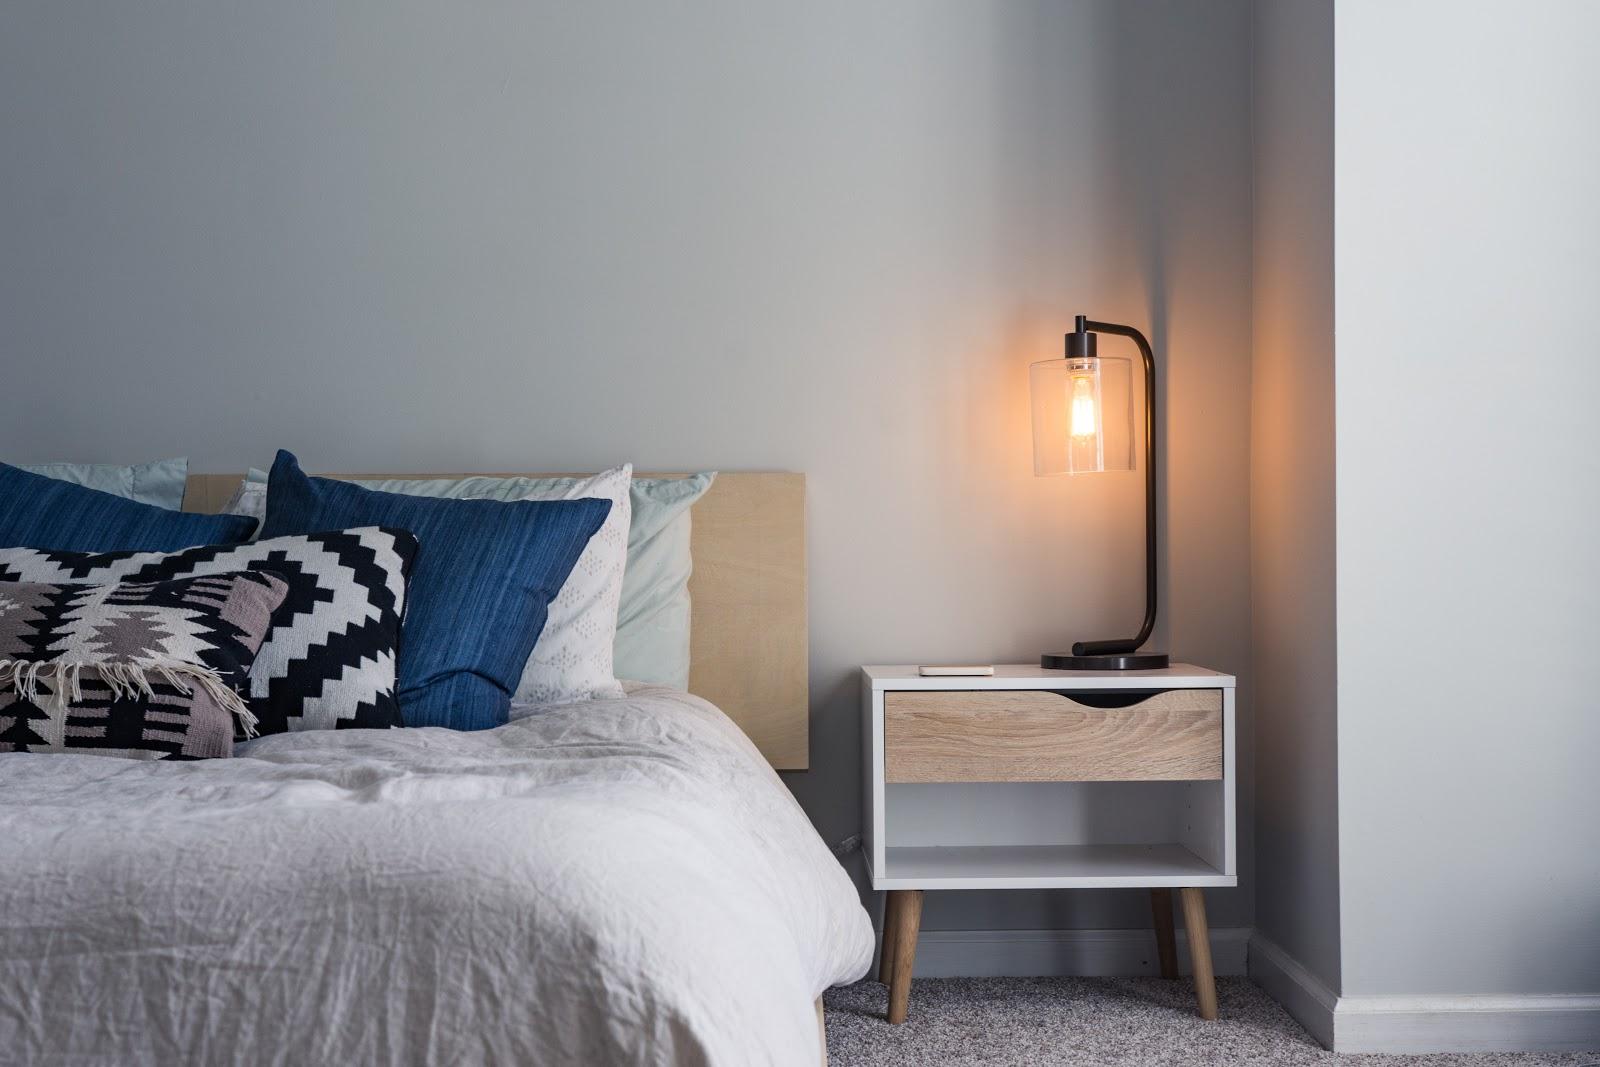 Furnitur minimalis pada kamar sesuai dengan kebutuhan - source: unsplash.com